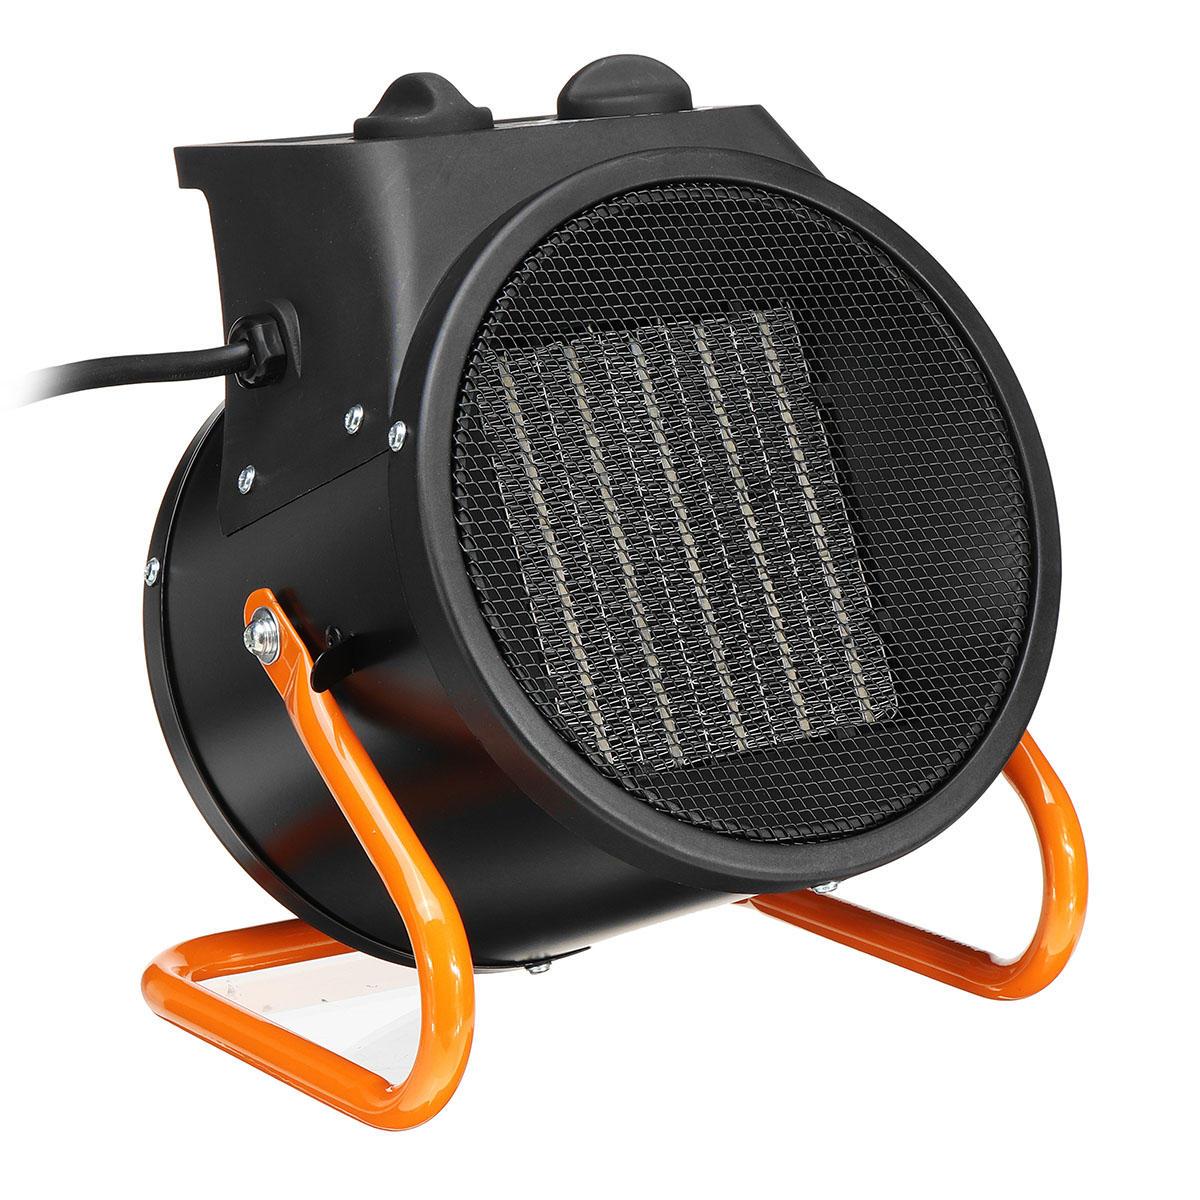 3000W Electric Industrial Fan Heater Waterproof IPX4 Workshop Garage Warmer